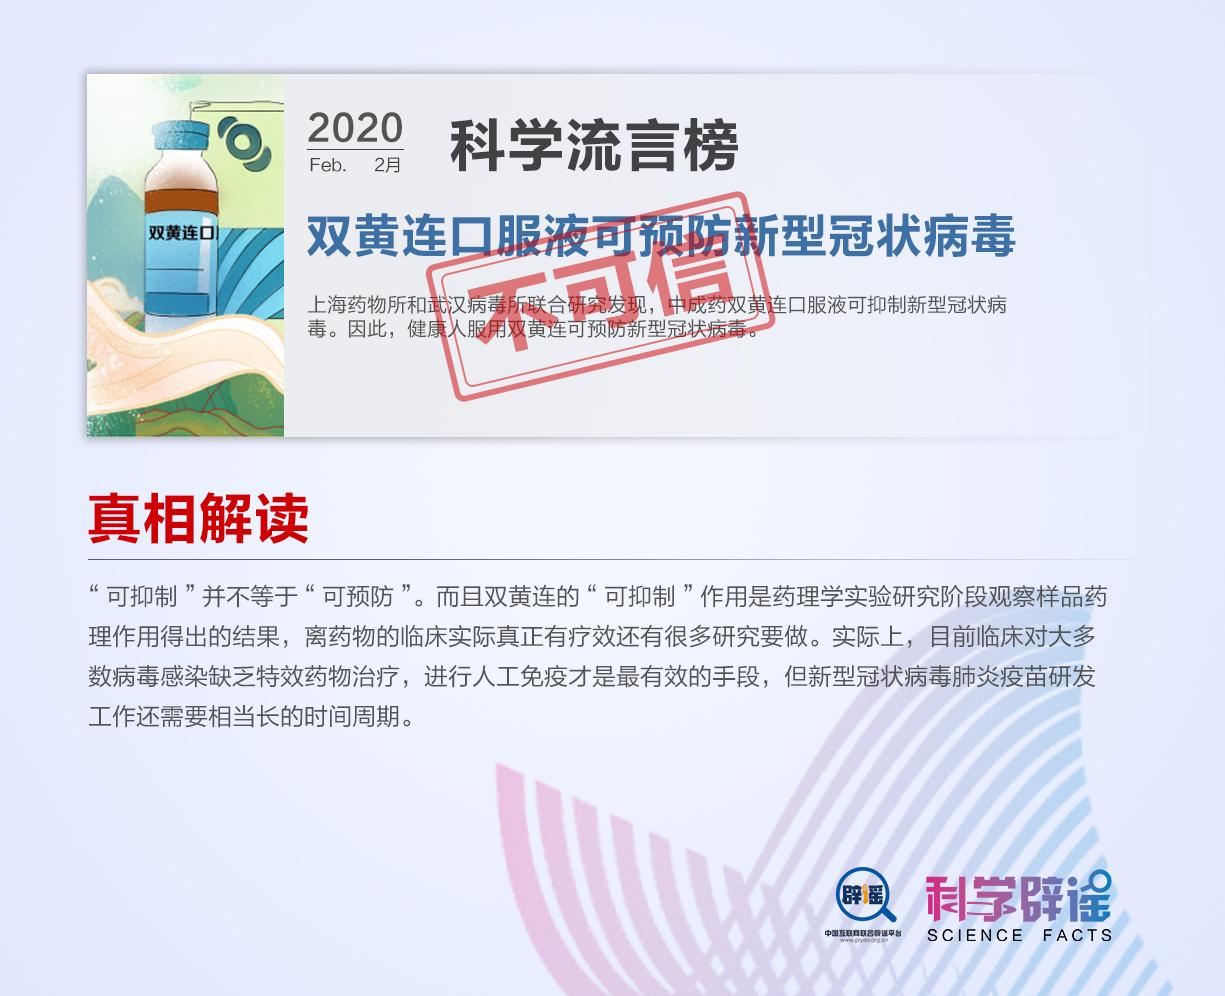 """科学辟谣平台与中国互联网联合辟谣平台共同发布2月""""科学""""流言榜"""